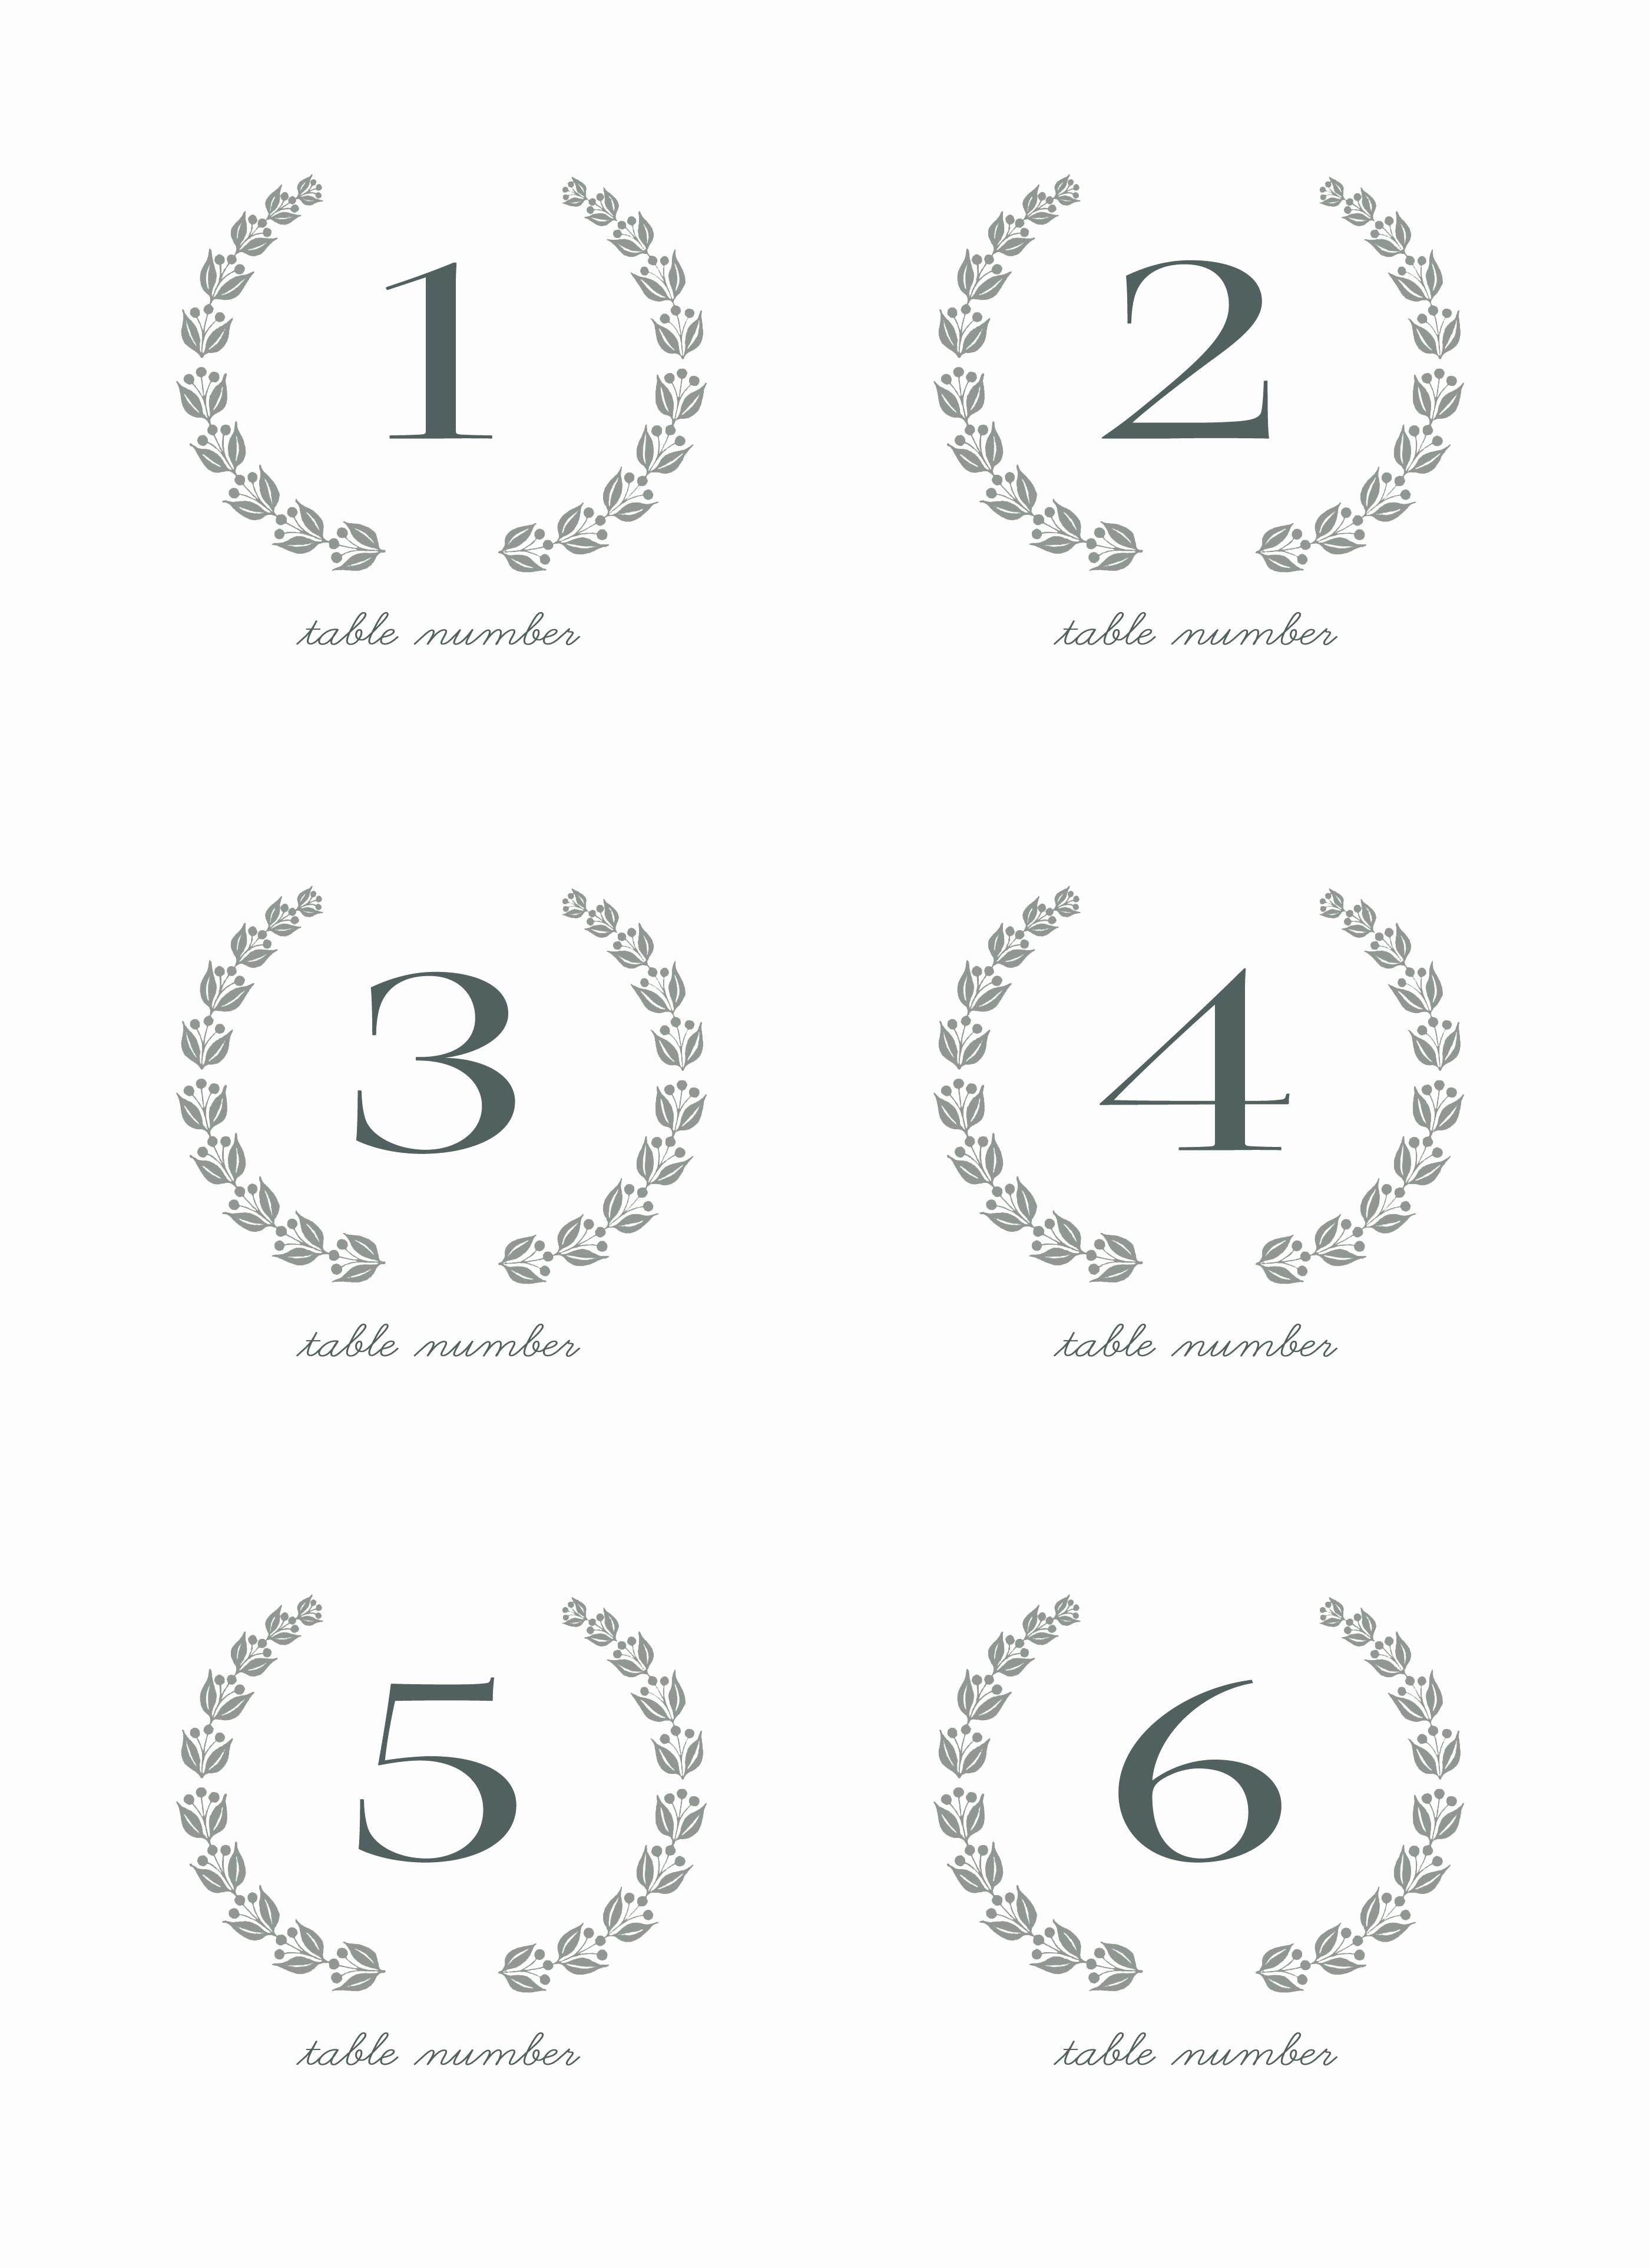 28 Elegant Printable Table Numbers | Kittybabylove - Free Printable Numbers